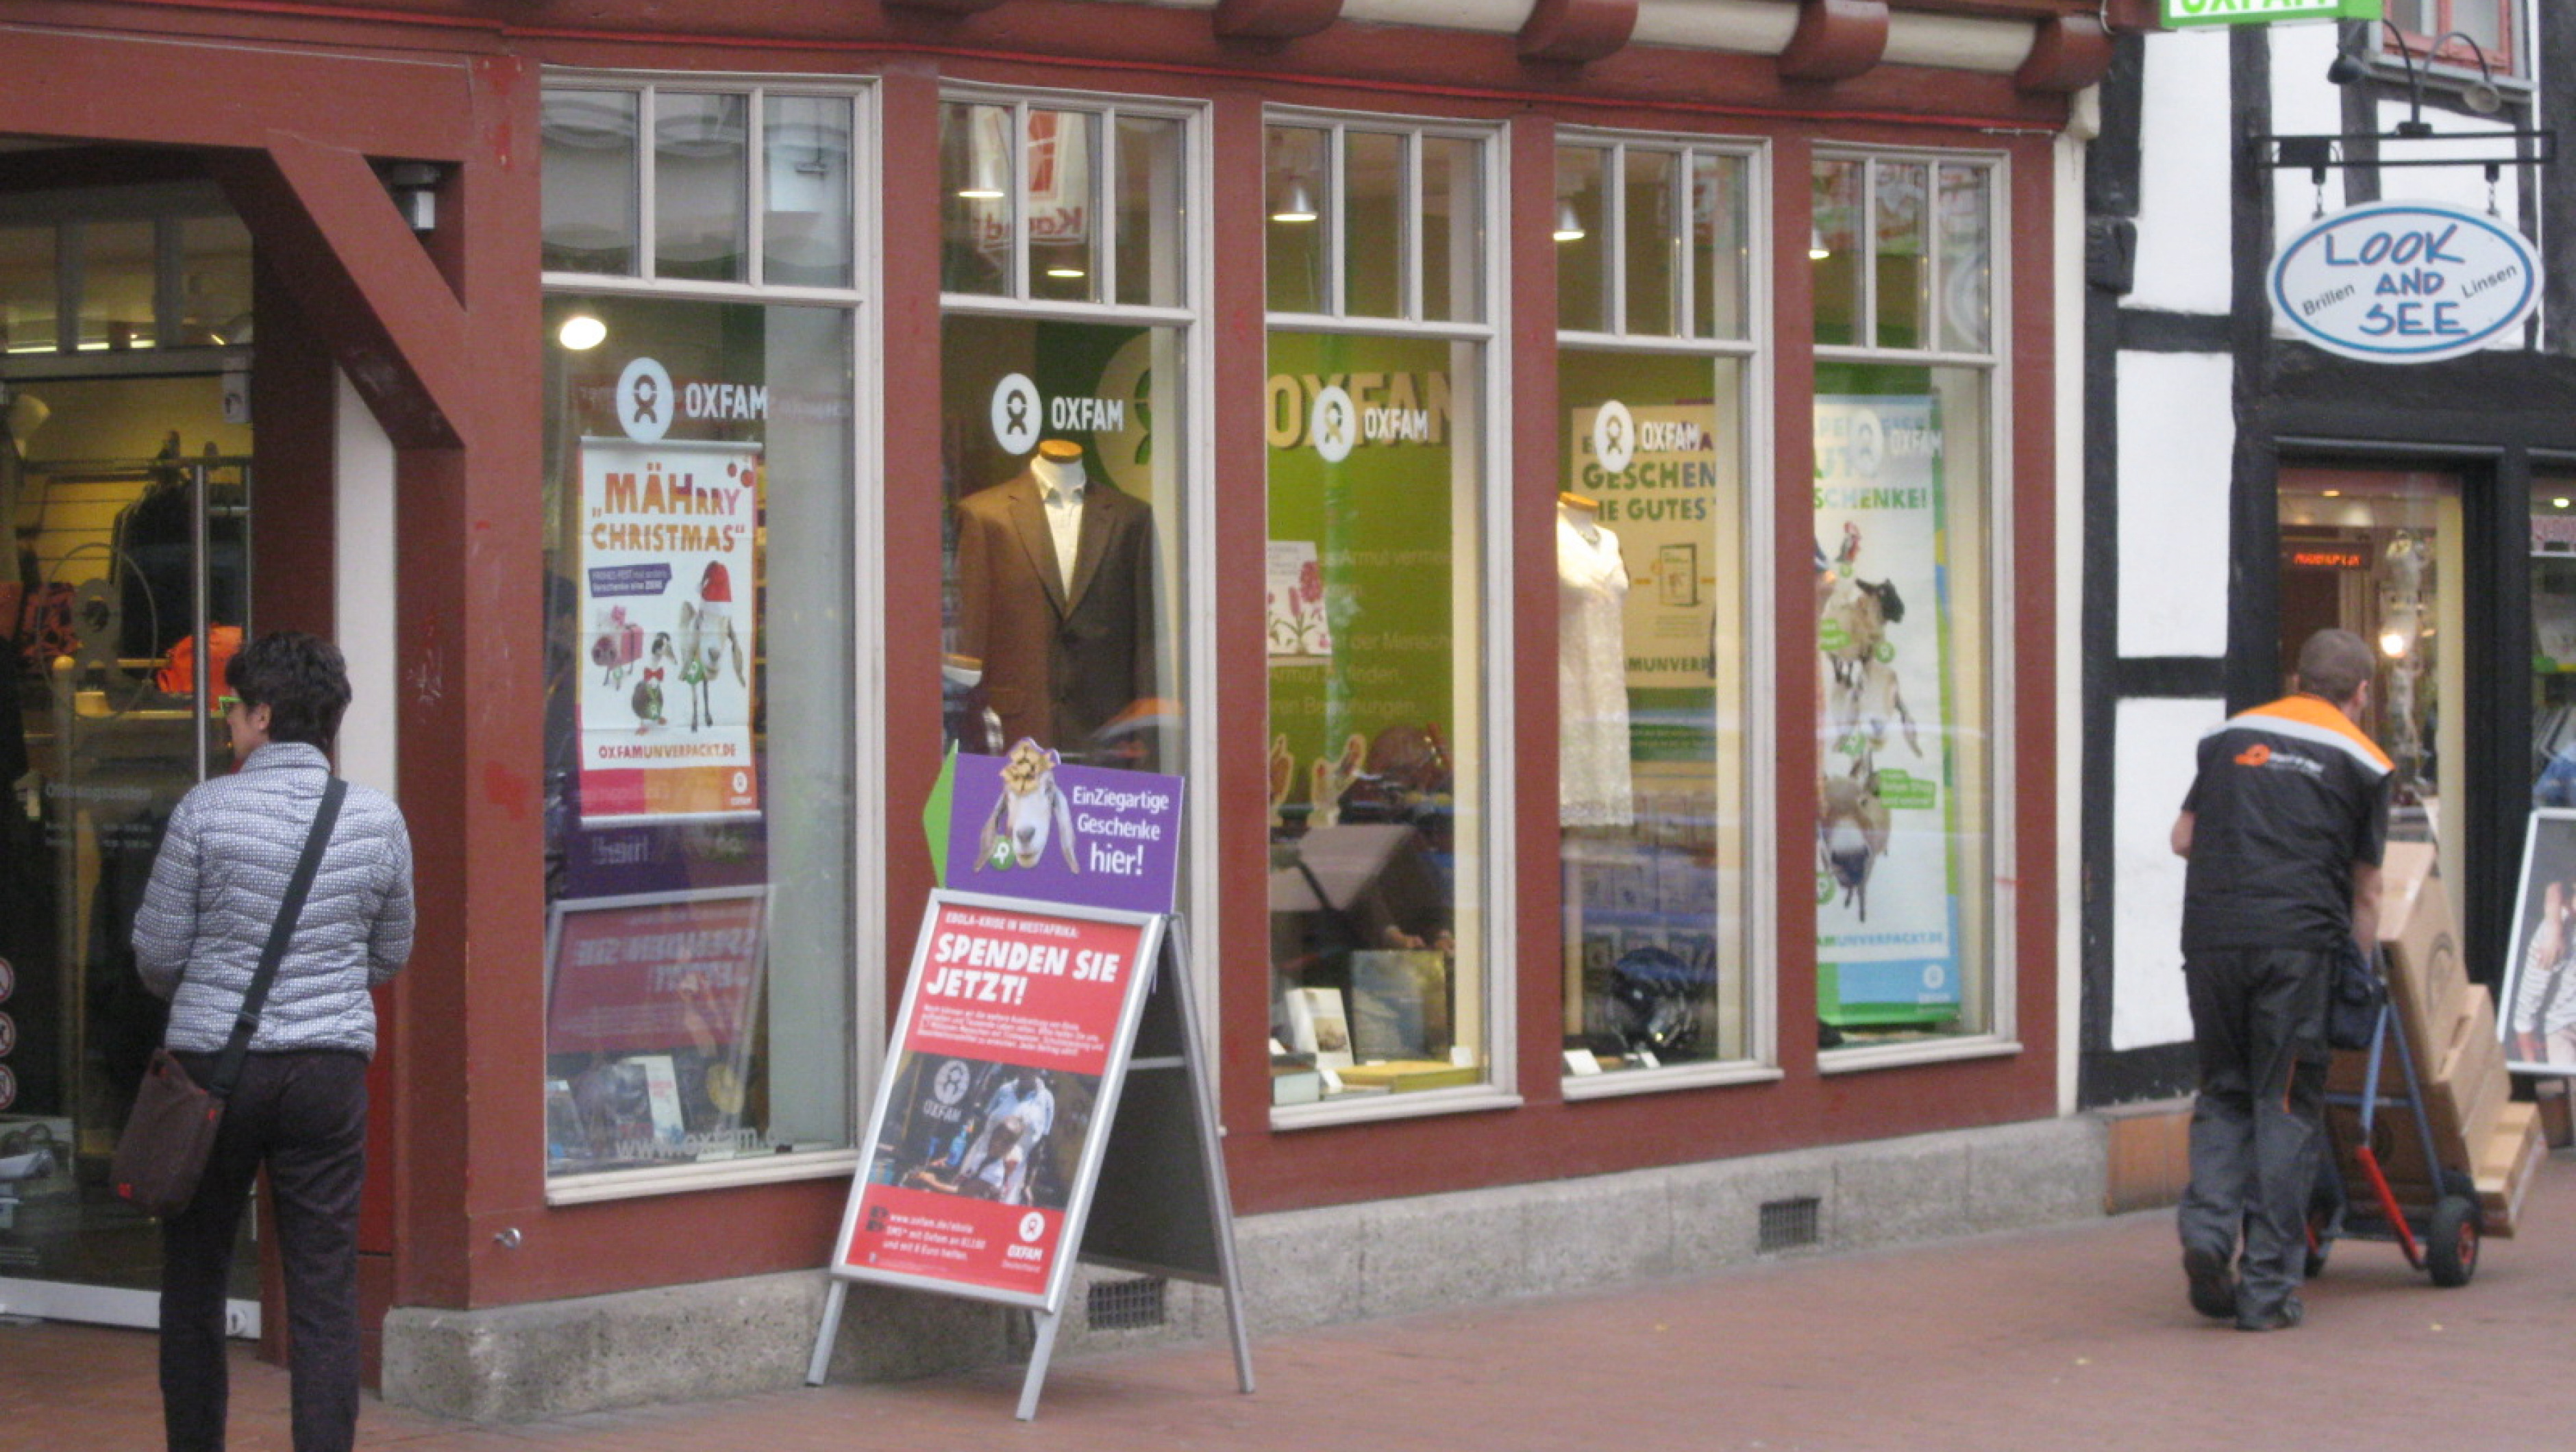 Oxfam Shop Göttingen - Außenansicht